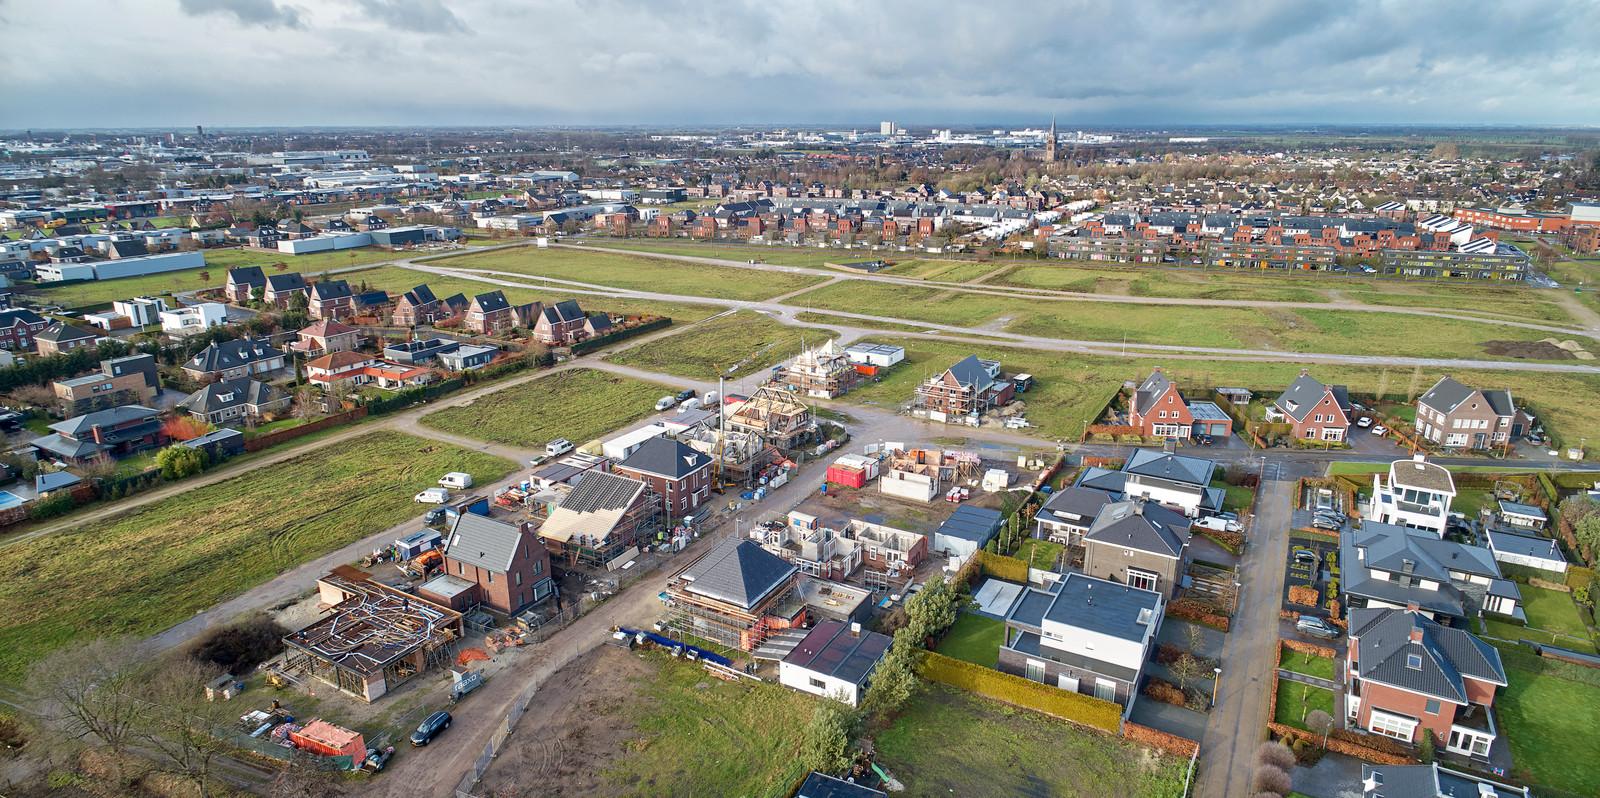 Vanuit de lucht is goed te zien waar fase vier van de nieuwbouwwijk moet verrijzen. Op de achtergrond de dorpskern van Berghem.